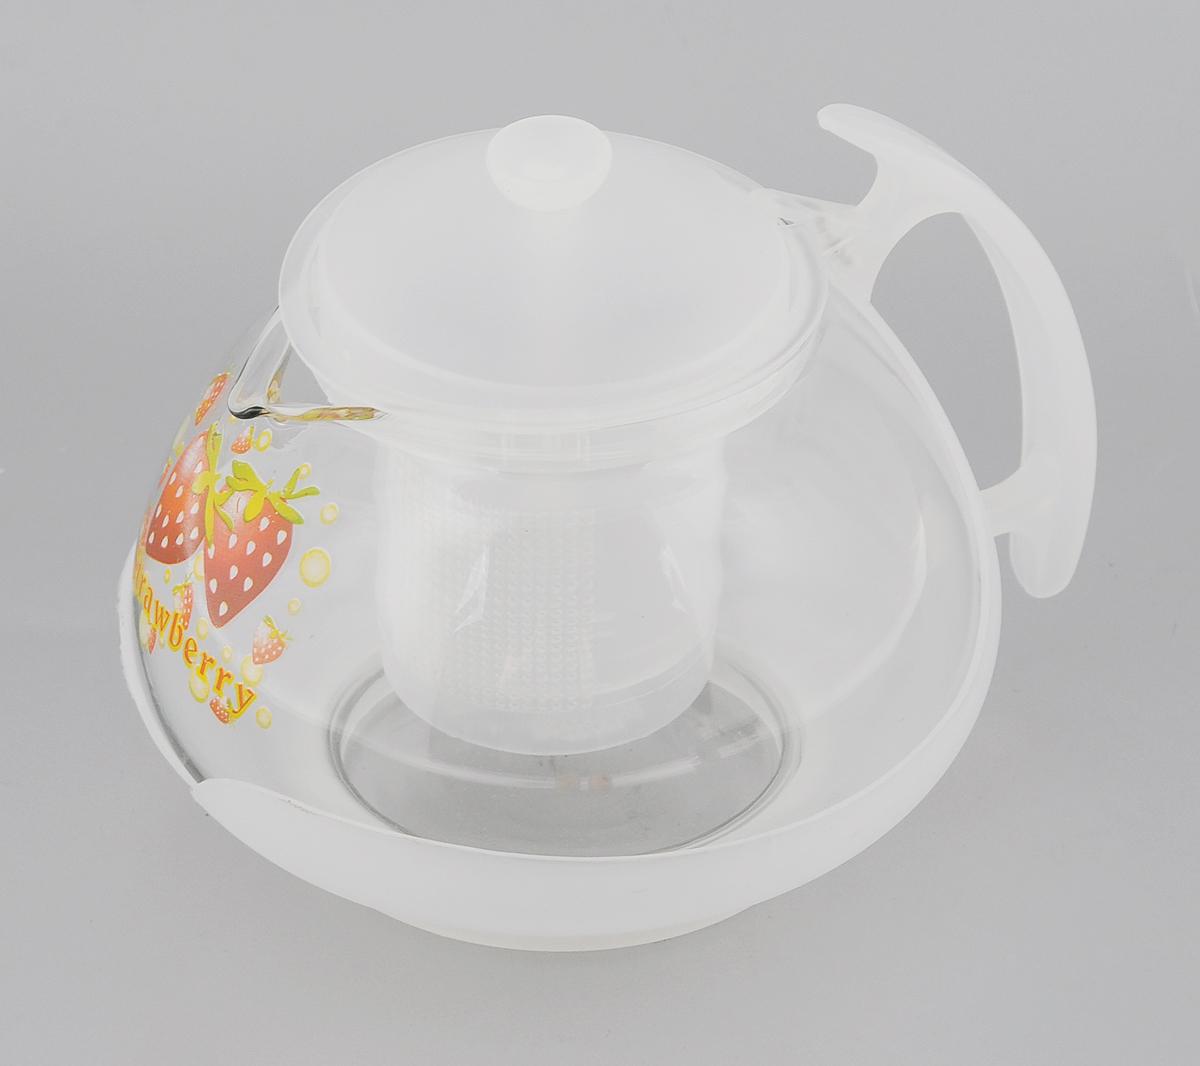 Чайник заварочный Mayer & Boch, с фильтром, цвет: прозрачный, белый, 700 мл. 20222022Заварочный чайник Mayer & Boch изготовлен из жаропрочного стекла и полипропилена. Изделие оснащено сетчатым фильтром из пищевого полипропилена (пластика), который задерживает чаинки и предотвращает их попадание в чашку, а прозрачные стенки дадут возможность наблюдать за насыщением напитка.Чай в таком чайнике дольше остается горячим, а полезные и ароматические вещества полностью сохраняются в напитке. Диаметр чайника (по верхнему краю): 8 см.Высота чайника (без учета крышки): 9,5 см.Высота фильтра: 6,5 см.